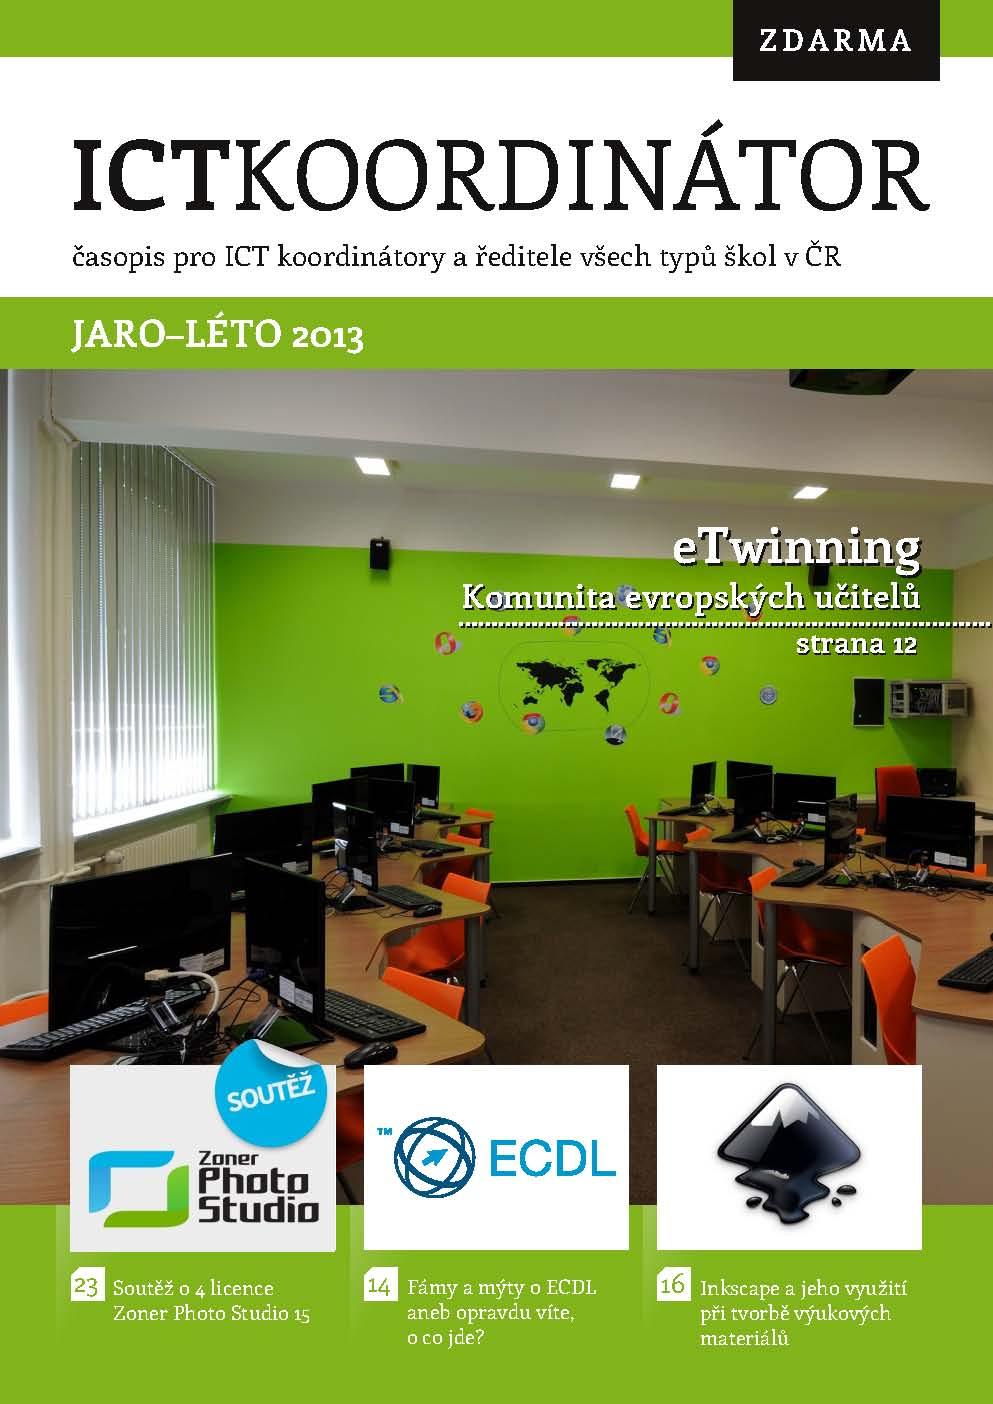 Titulka ICT Koordinátoru 1/2013